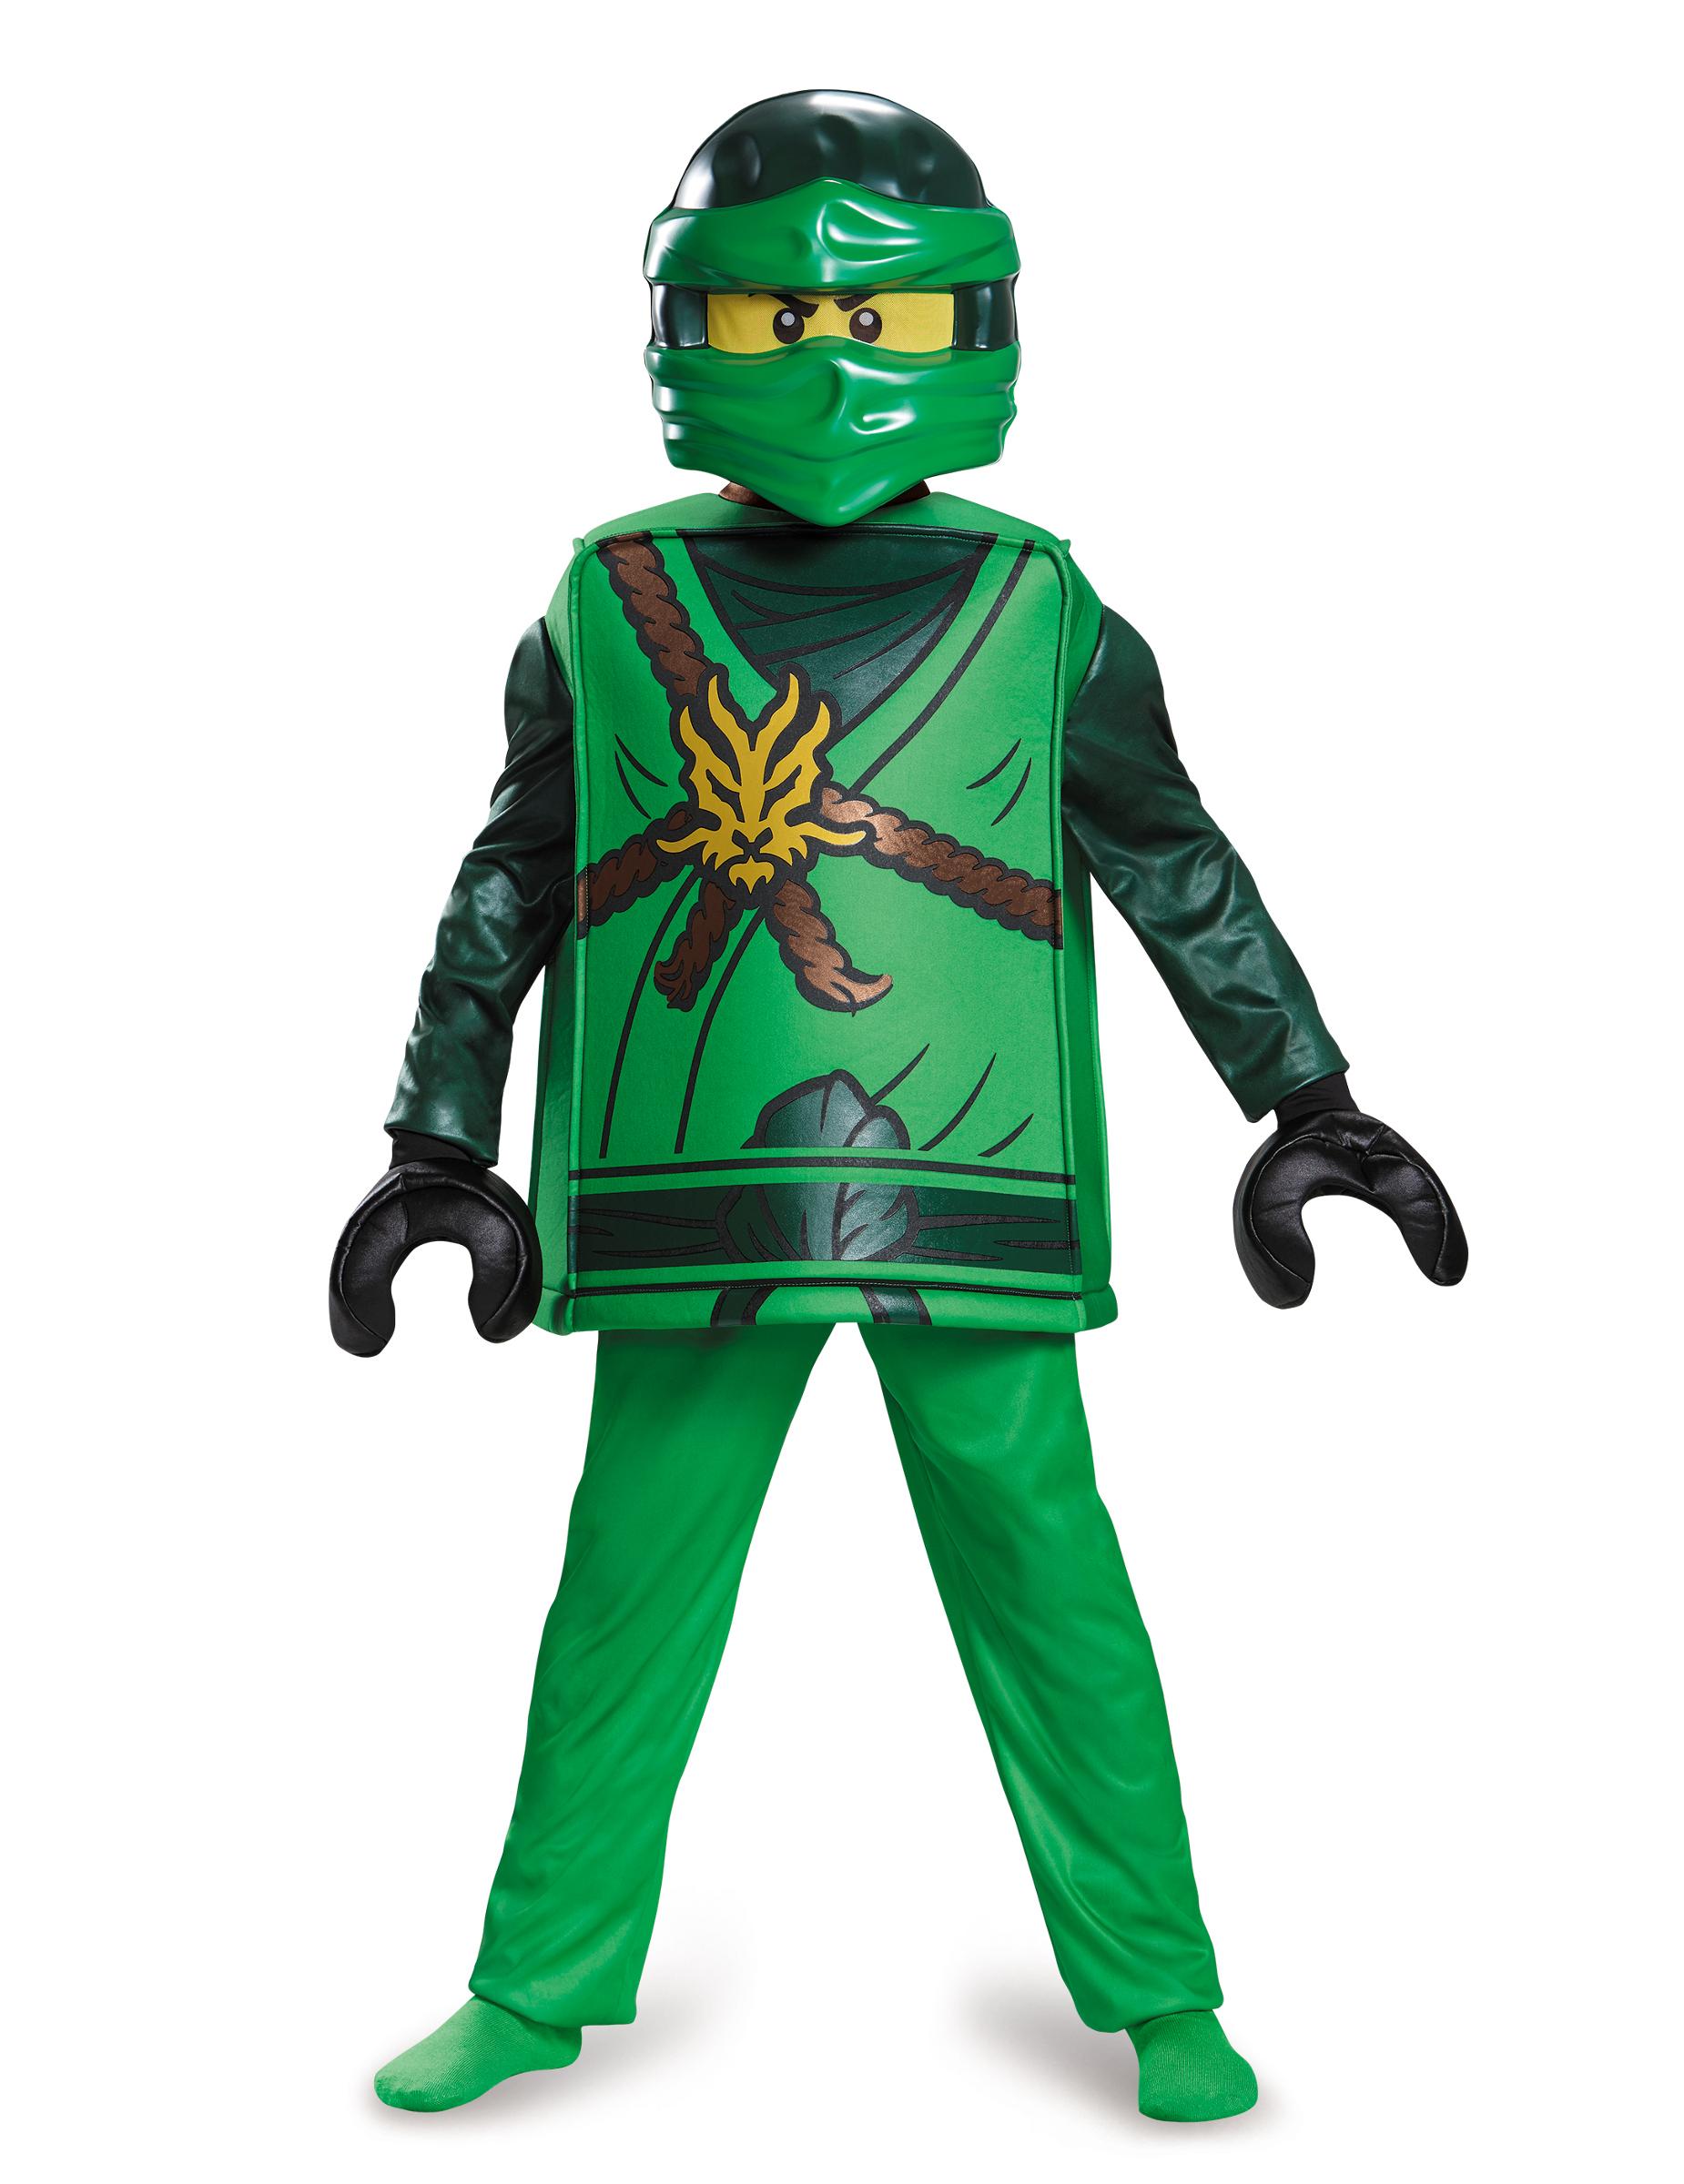 Compleet lloyd ninjago lego kostuum voor kinderen - Ninjago lego lloyd ...